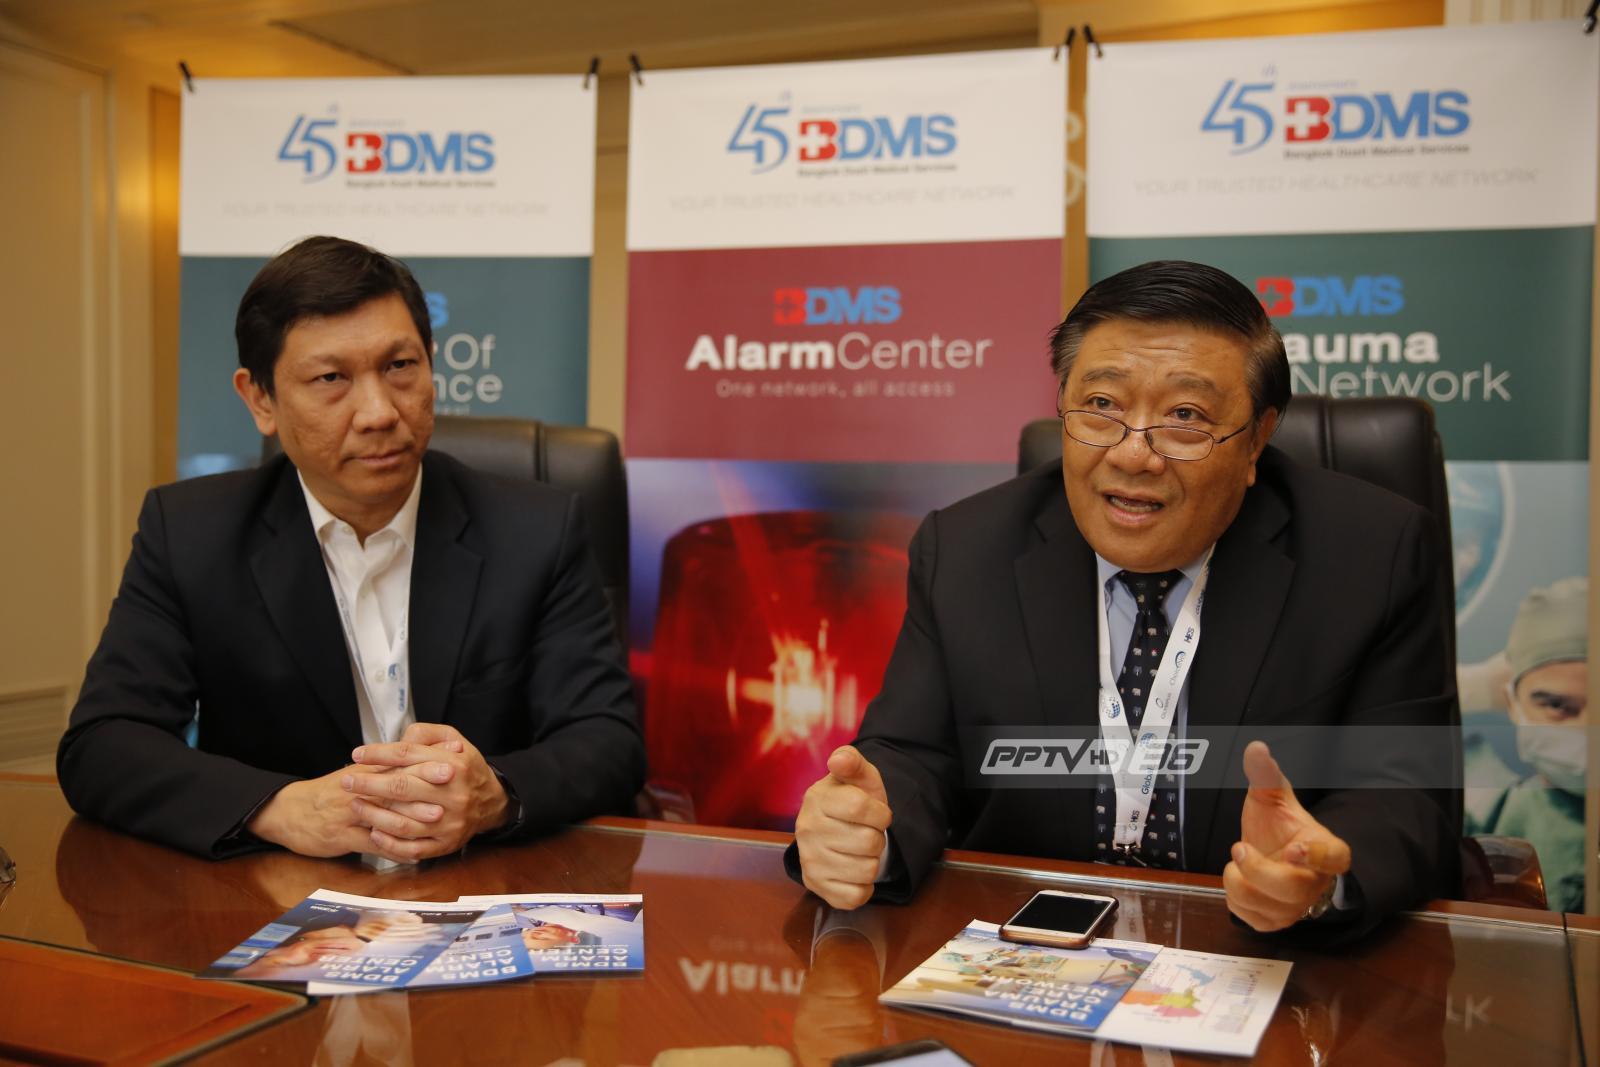 """BDMS ยกระดับศูนย์ """"BDMS Alarm Center"""" รองรับผู้ป่วยฉุกเฉินครบวงจร"""